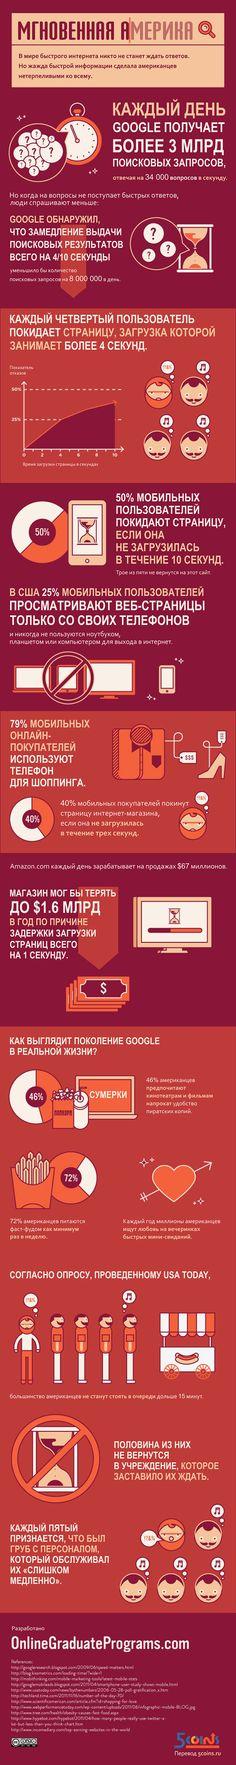 Инфографика о том, как скорость работы вашего интернет сервиса влияет на поведение пользователей. А также о том, как привычка к быстрому интернету меняет наше поведение в реальной жизни.#инфографика smm2you.wordpress.com